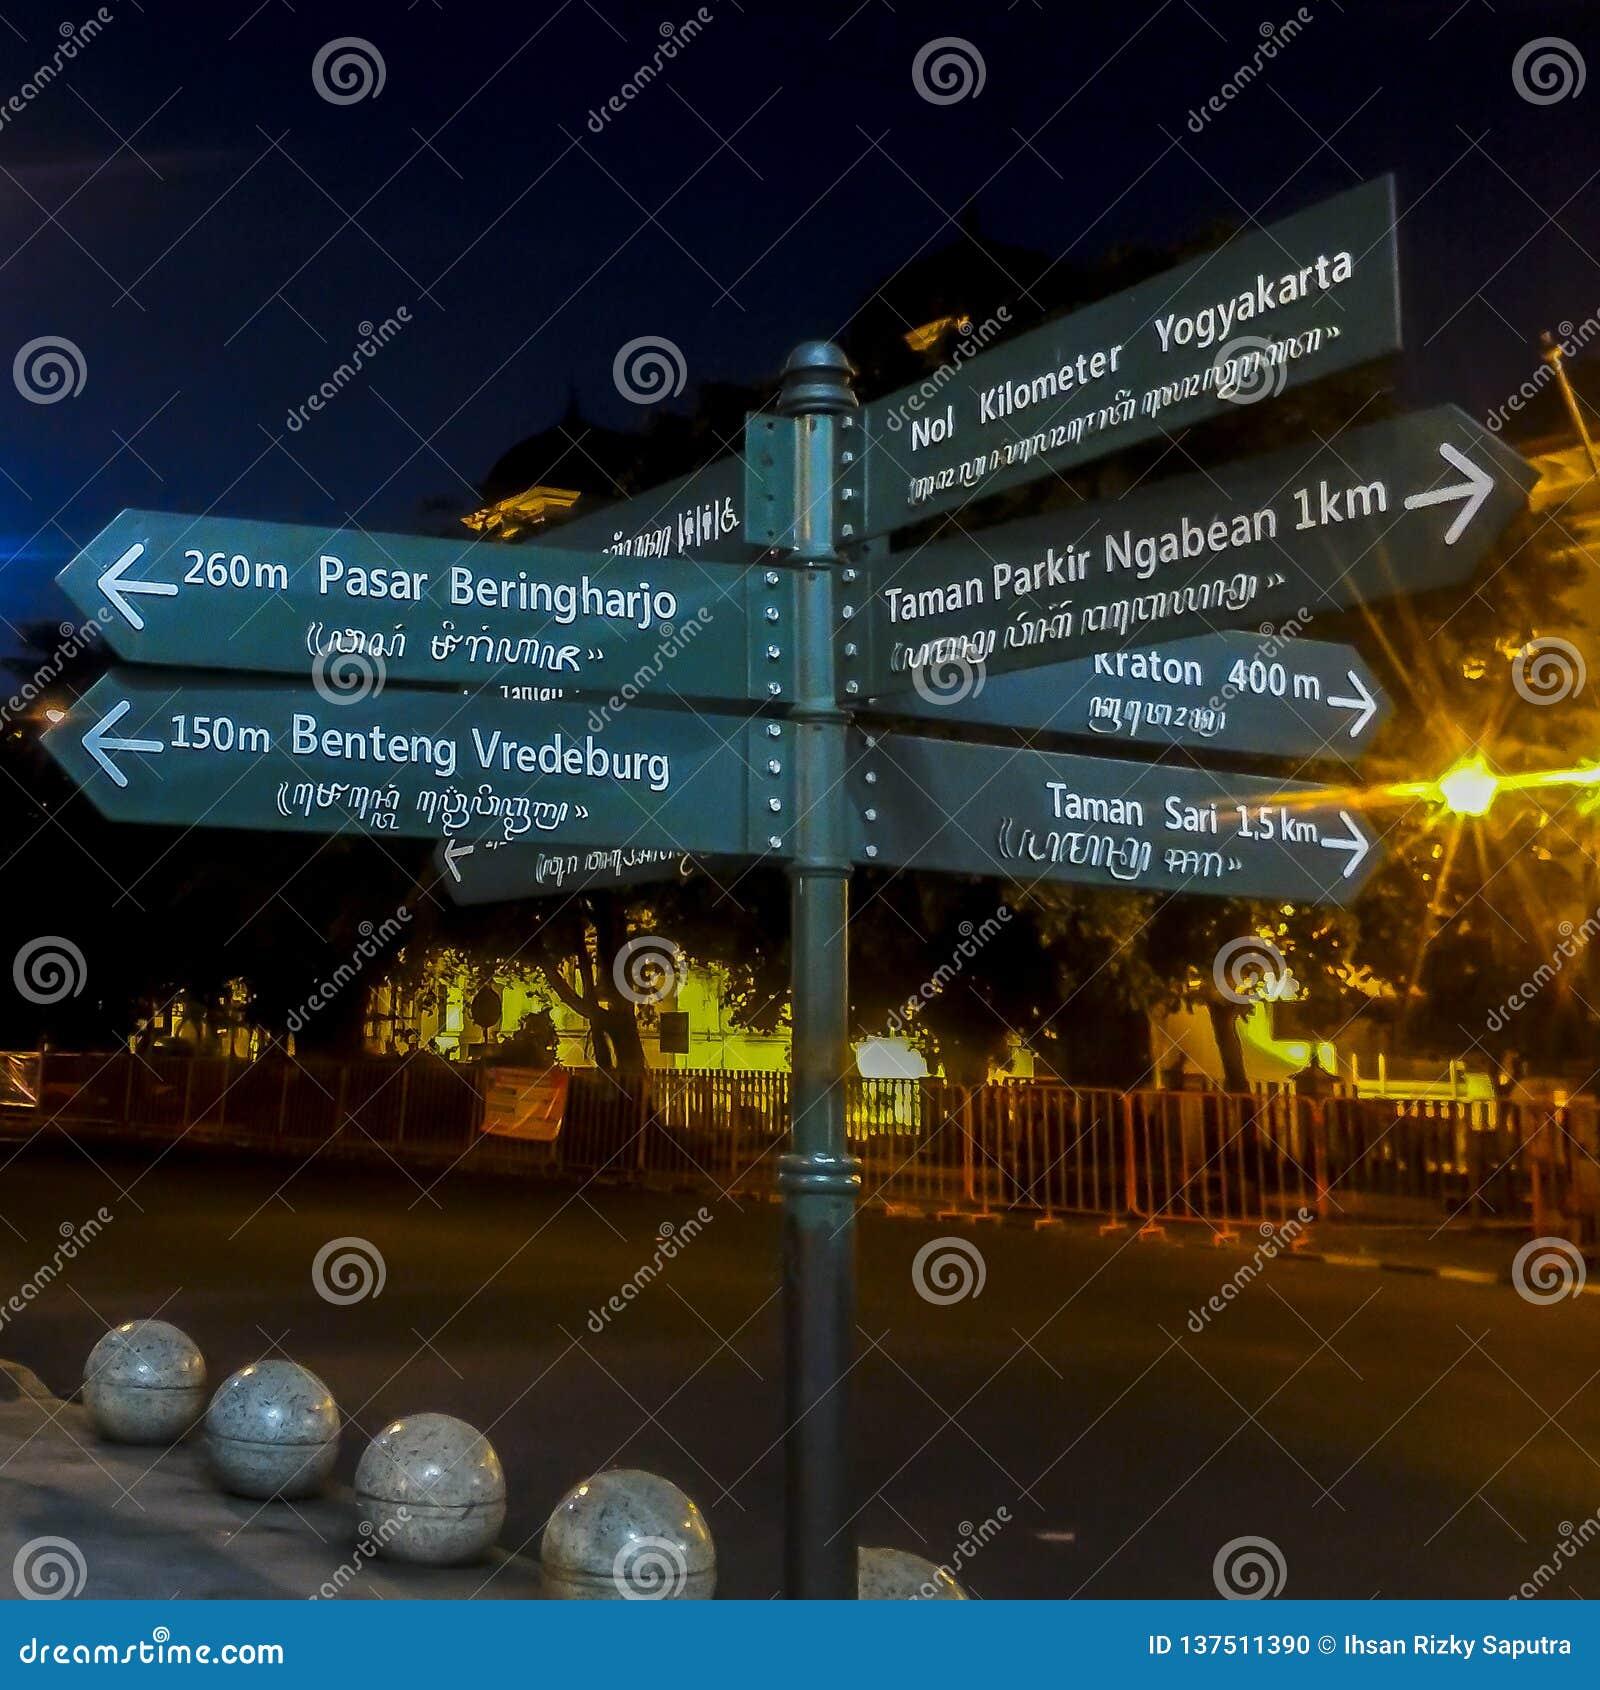 Street Sign Direction in Yogyakarta